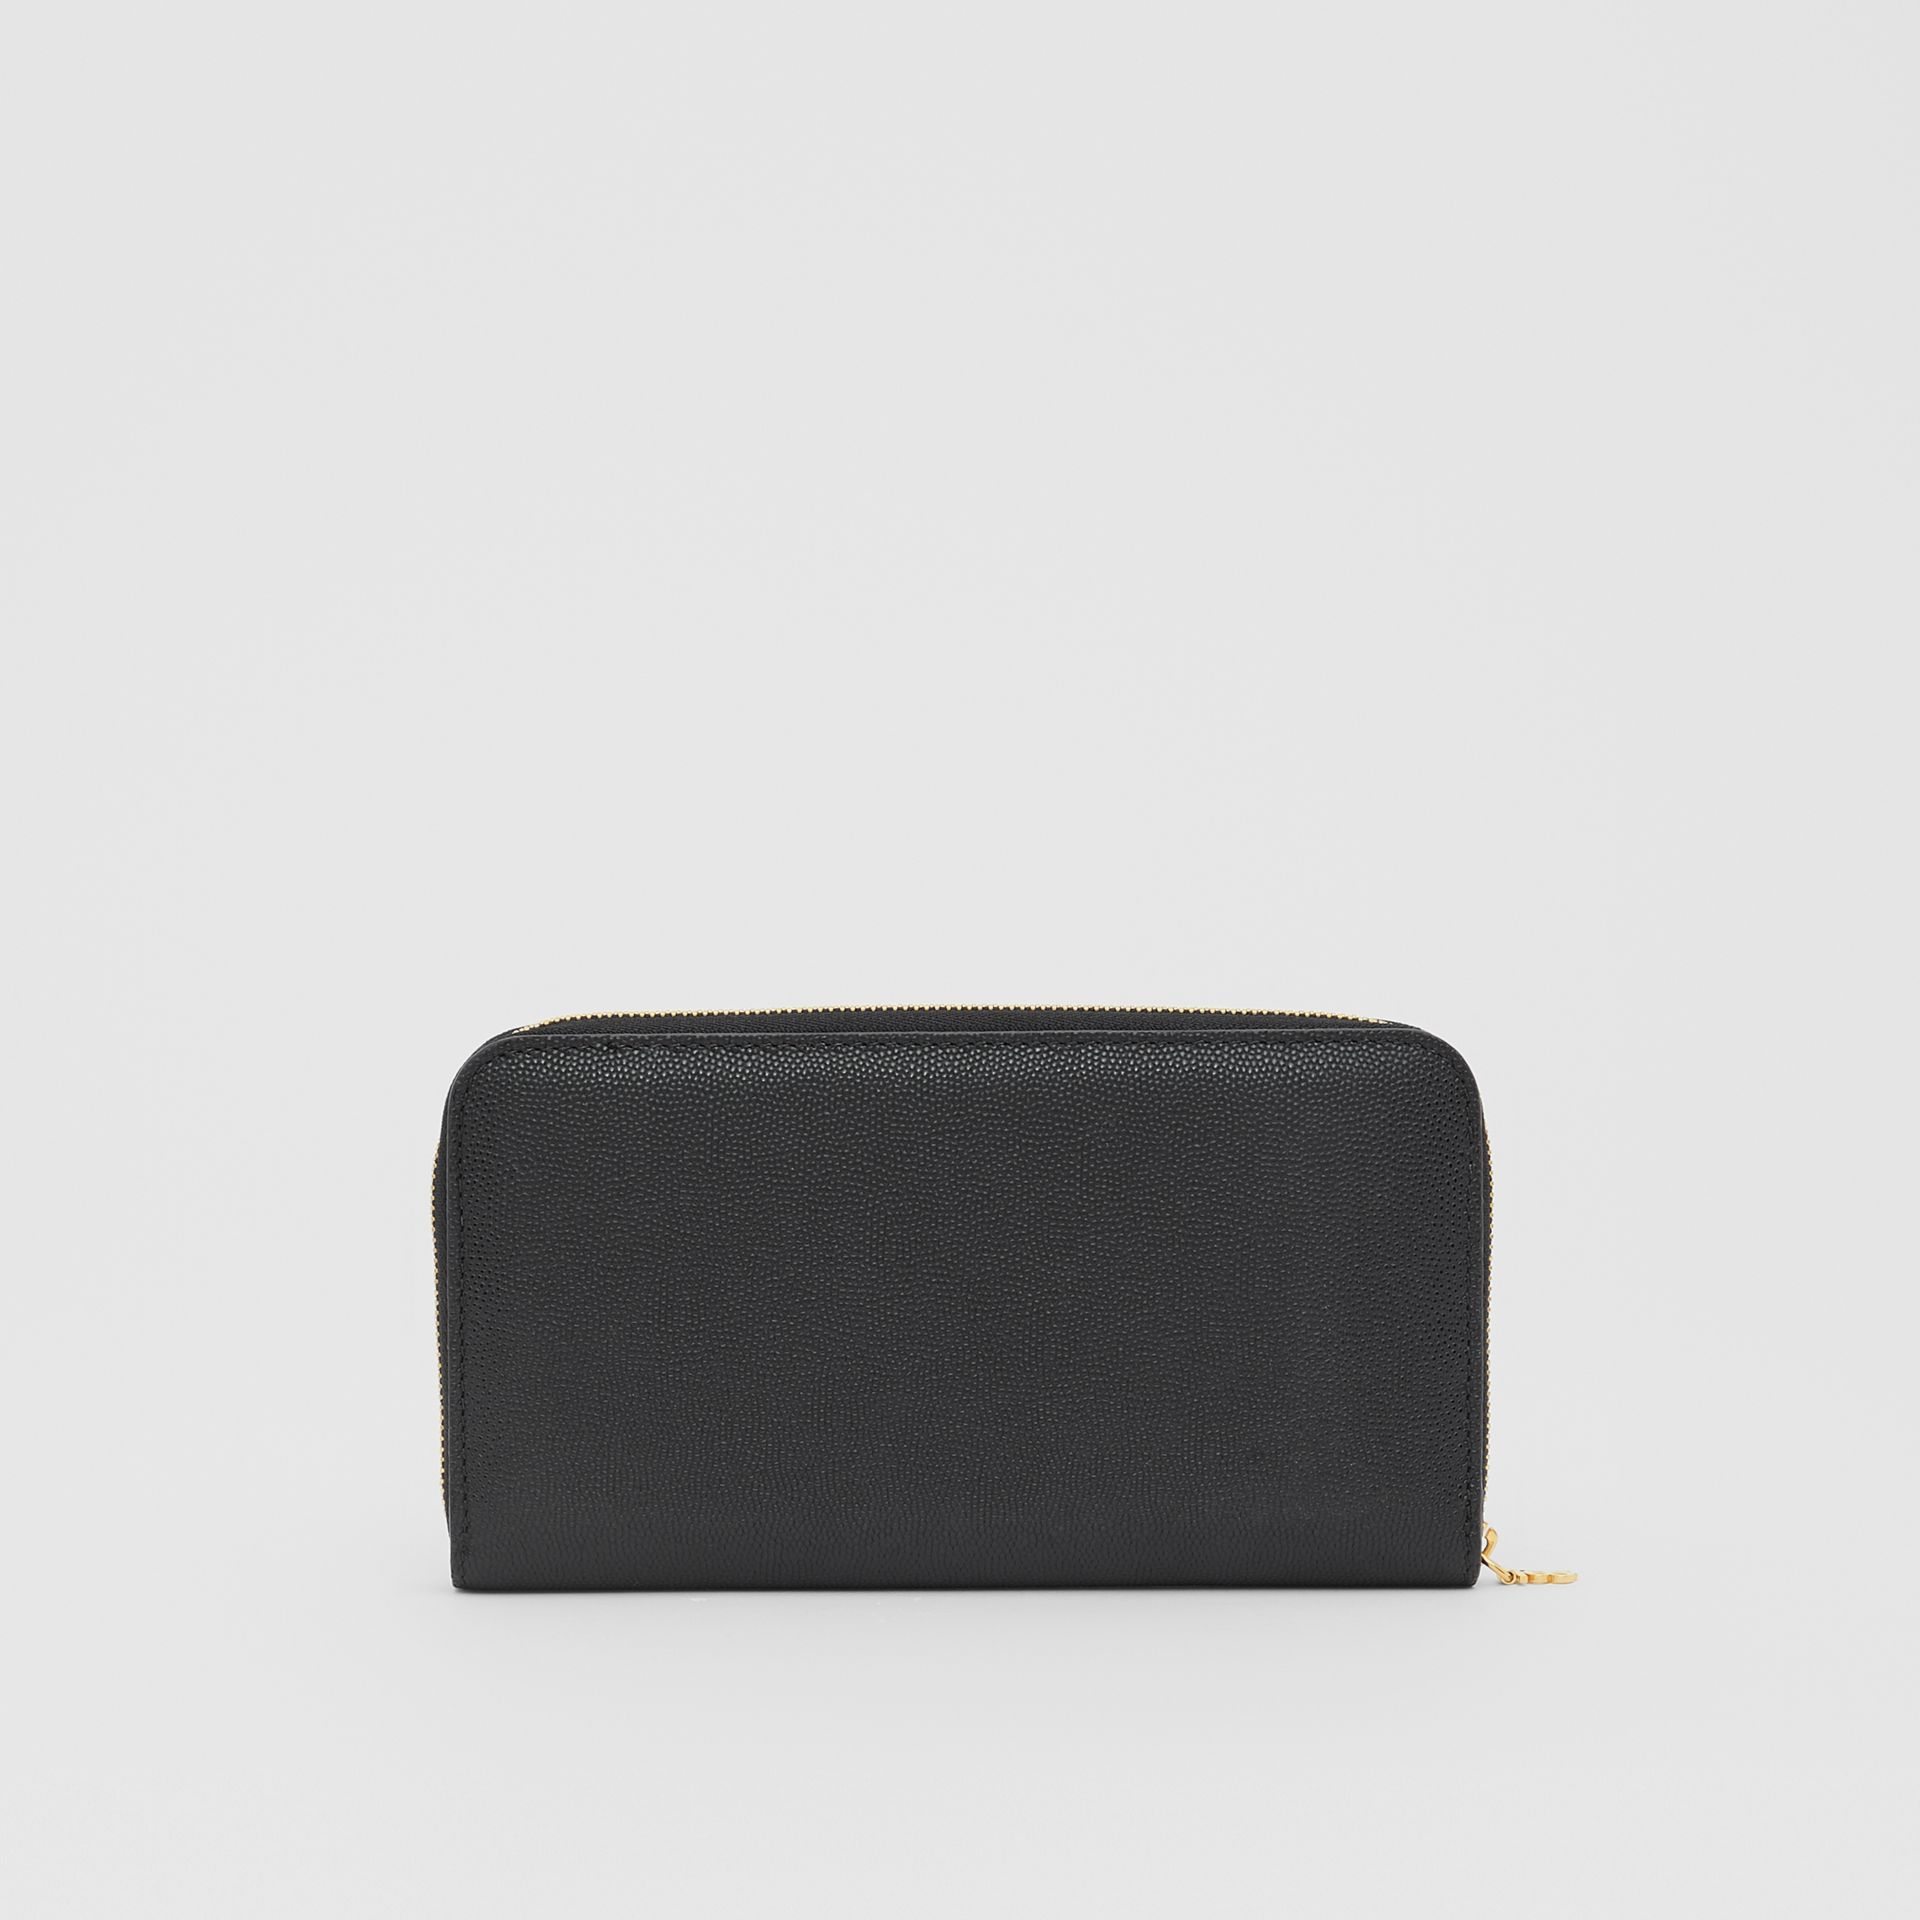 Portefeuille zippé en cuir grainé Monogram (Noir) - Femme | Burberry - photo de la galerie 5